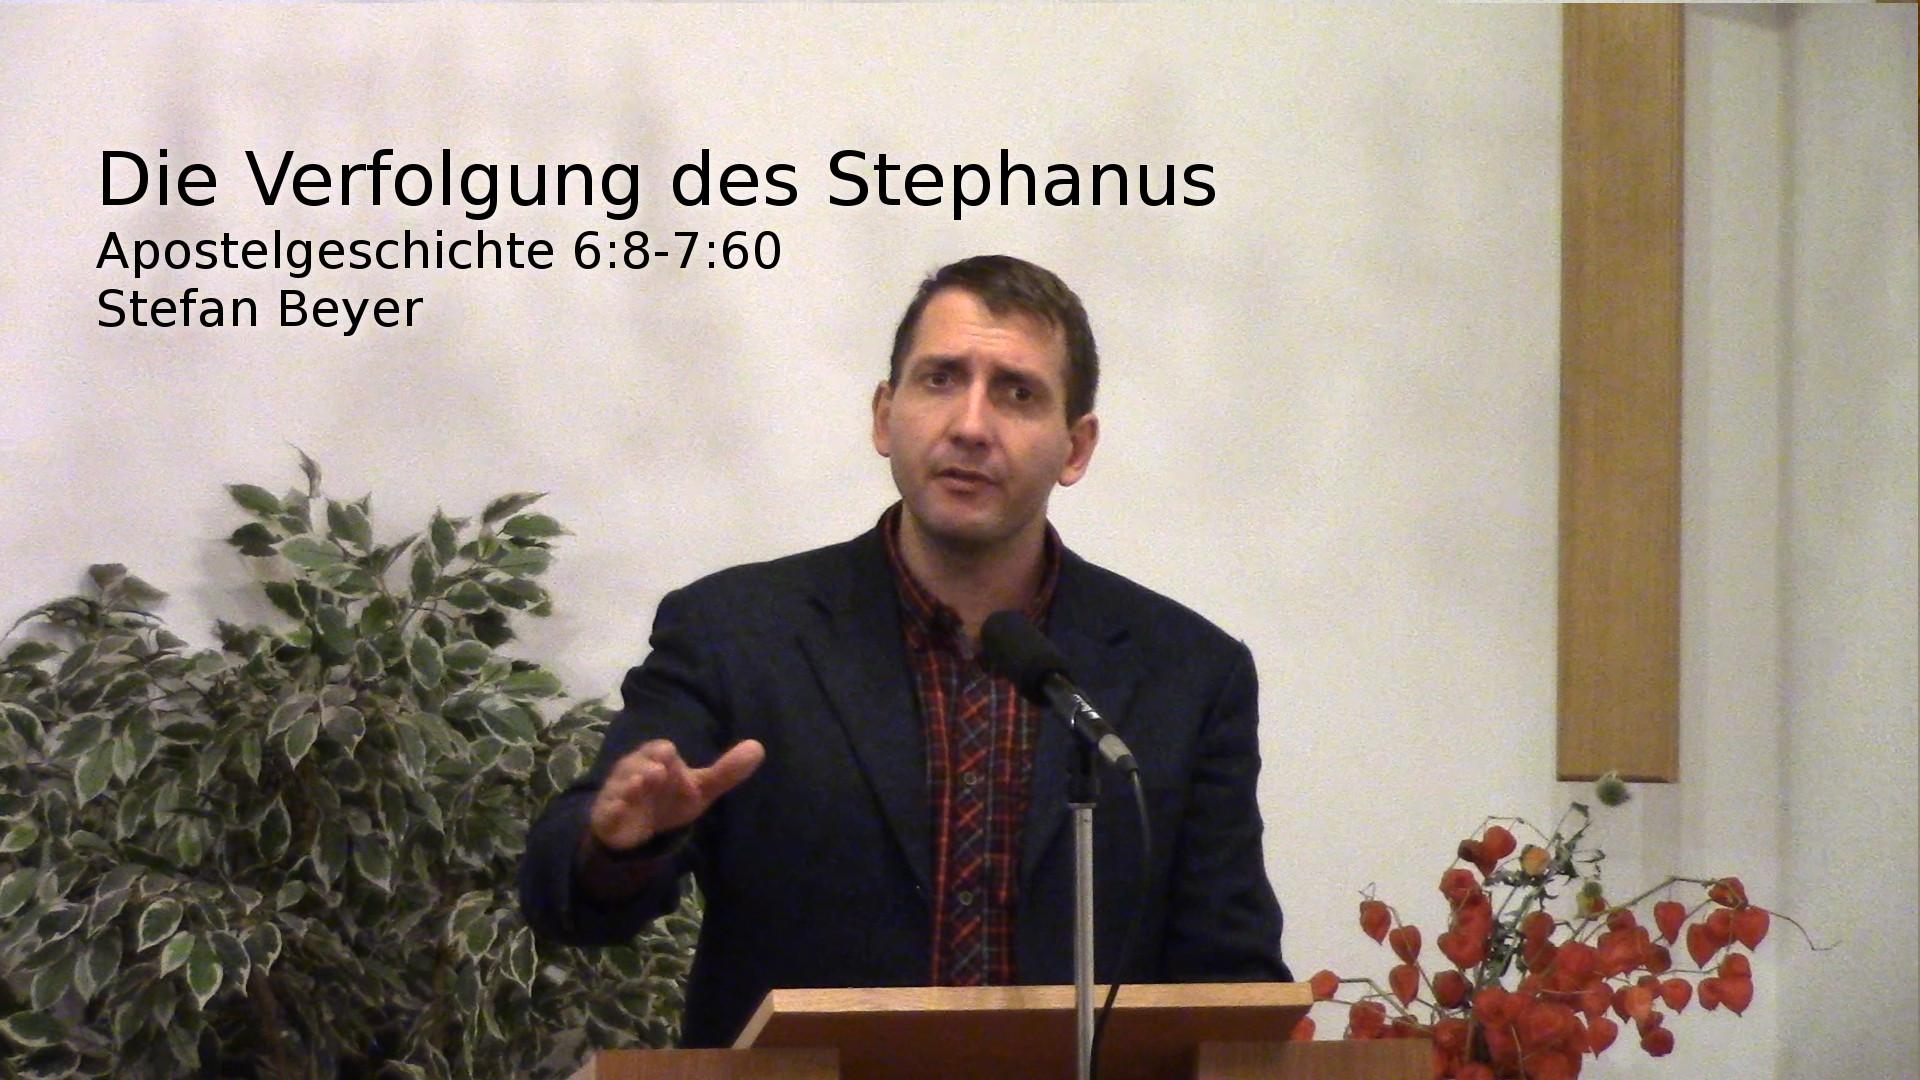 Apostelgeschichte 6,8-7,60 – Die Verfolgung des Stephanus